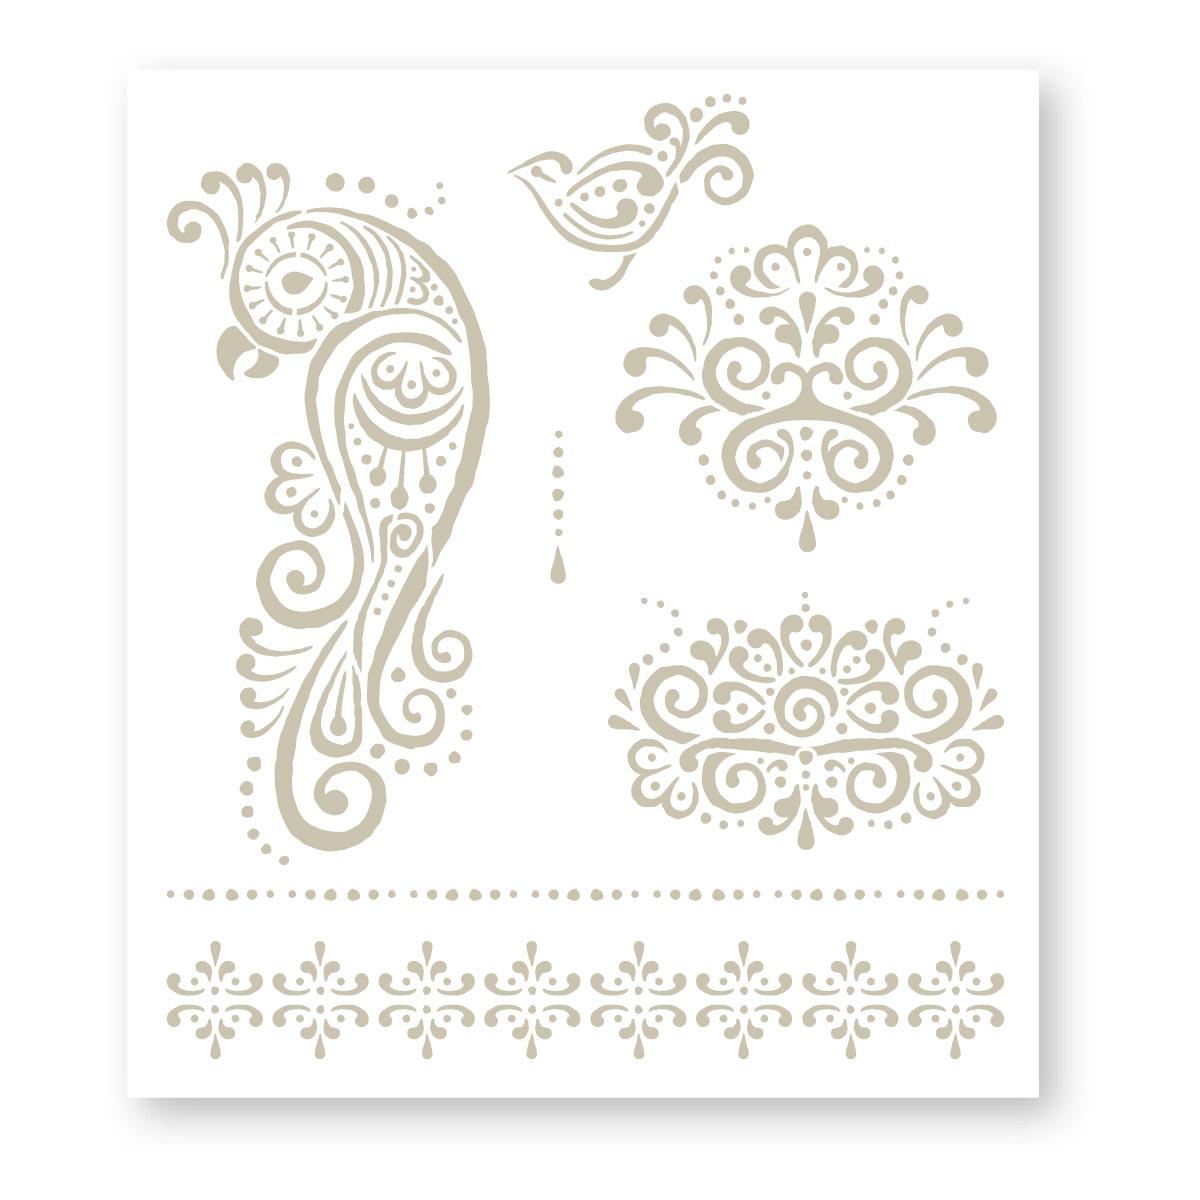 FolkArt ® Handmade Charlotte™ Stencils - Birds